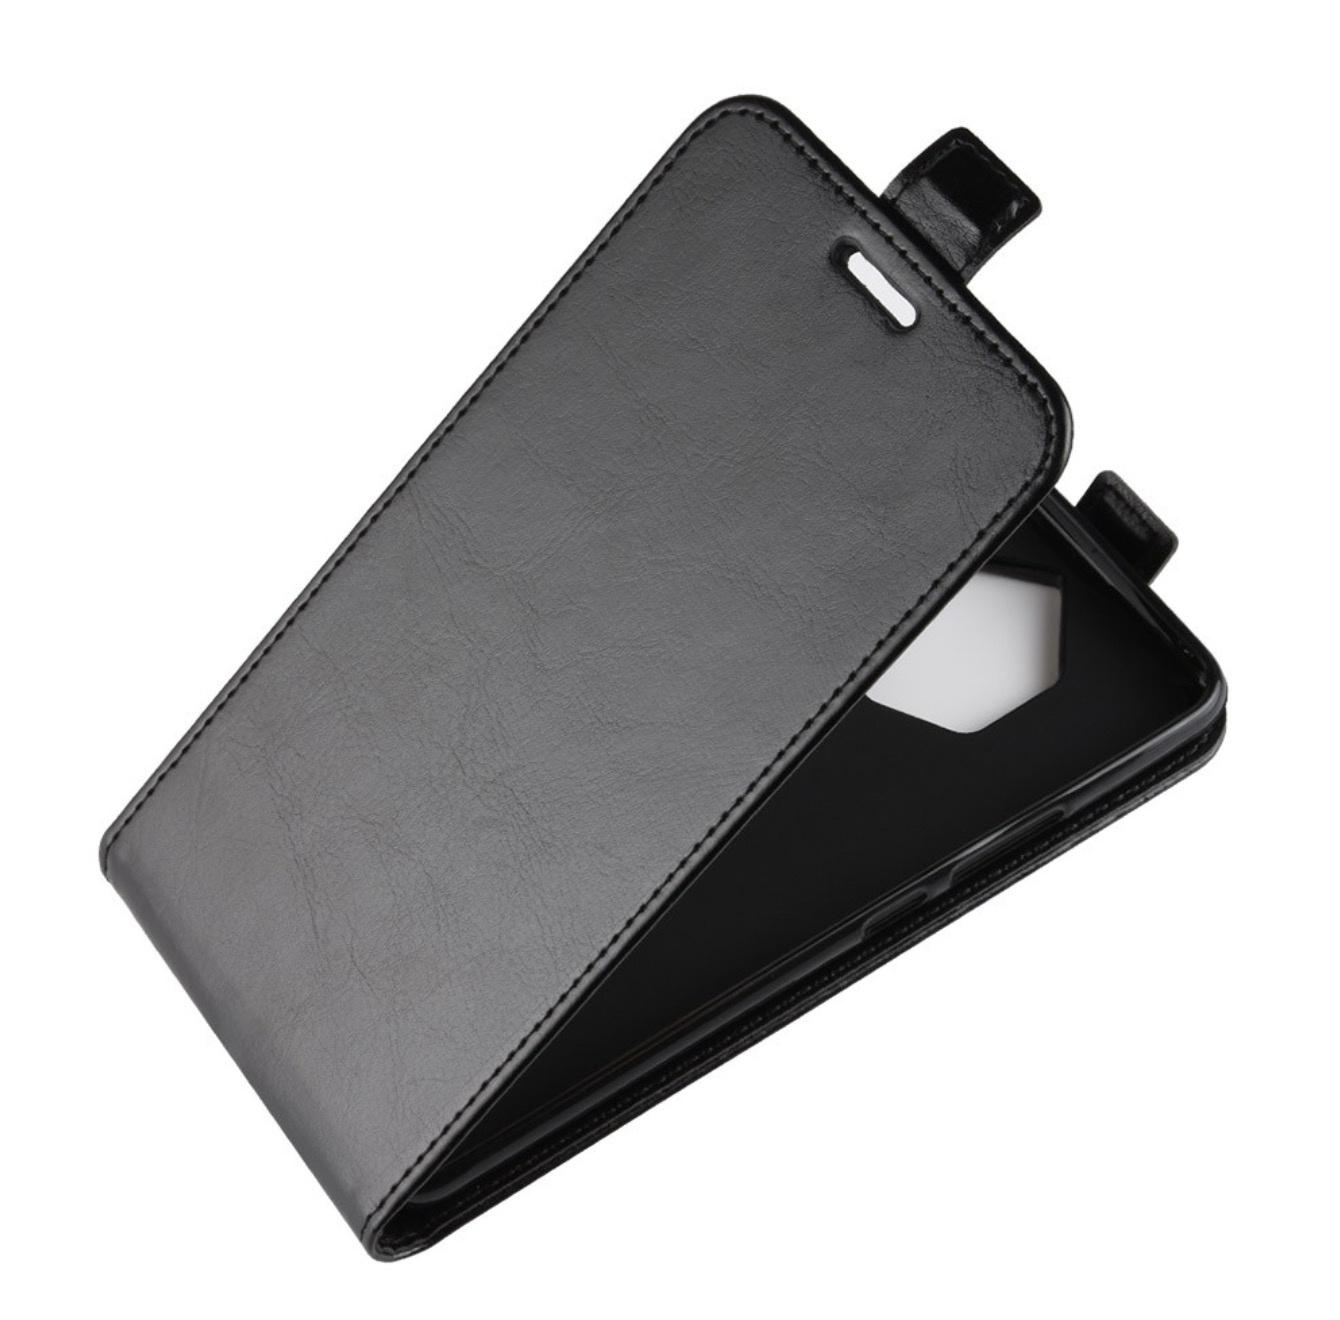 Чехол-флип MyPads для Highscreen Zera F (rev.S) вертикальный откидной черный цена